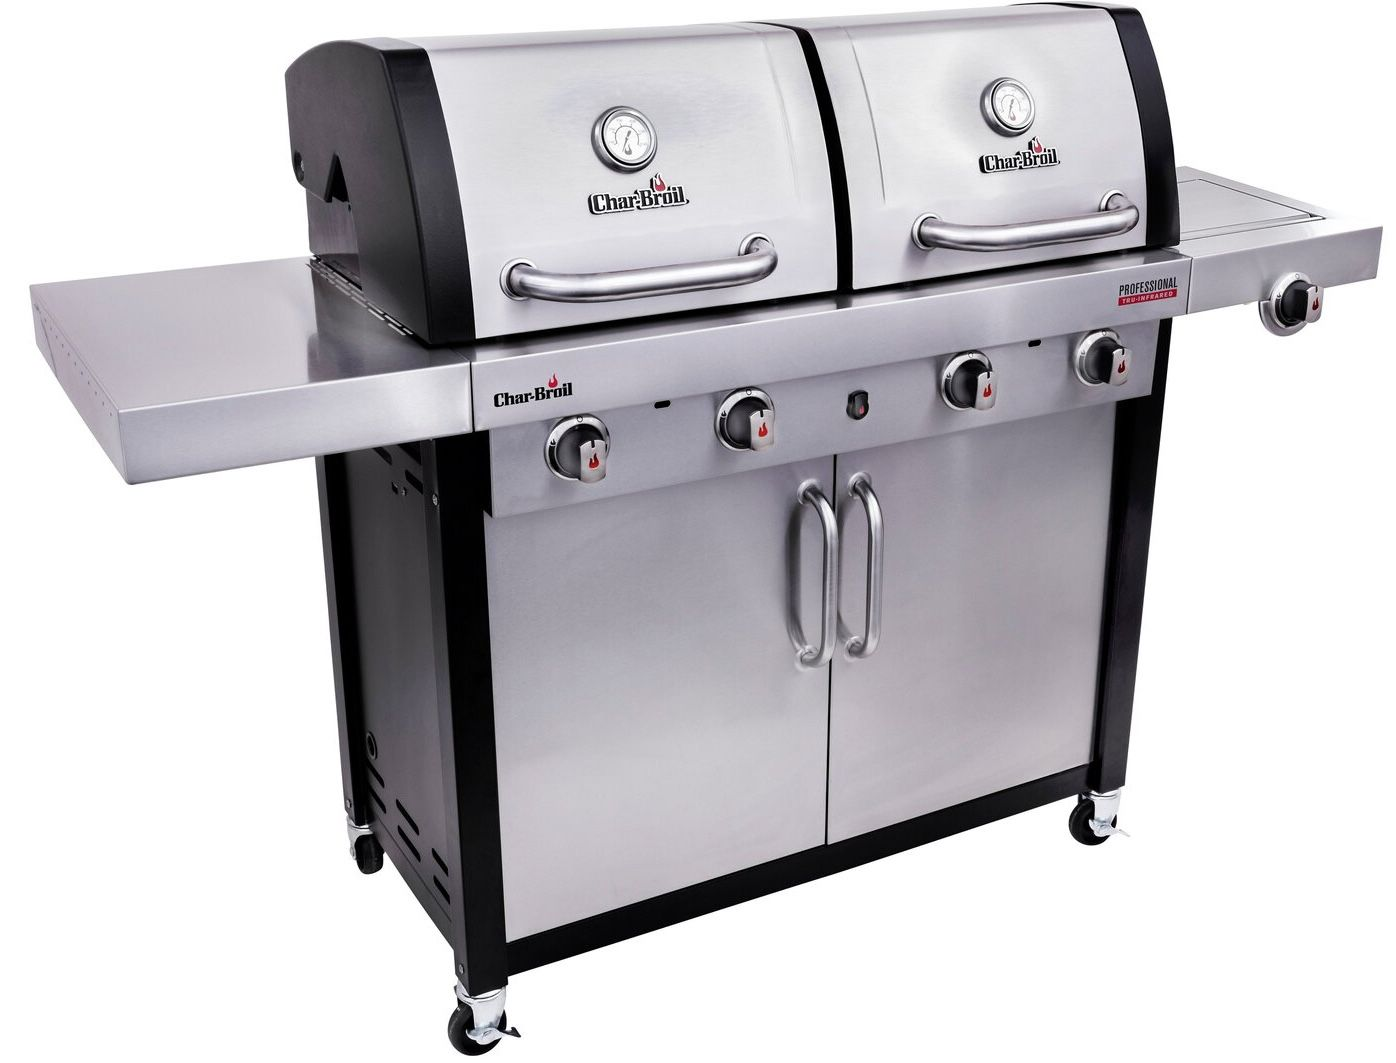 🔥 Schnell? Char-Broil Professional 4600 S Gasgrill mit 2 getrennte Brennkammern ab 649€ (statt 989€)